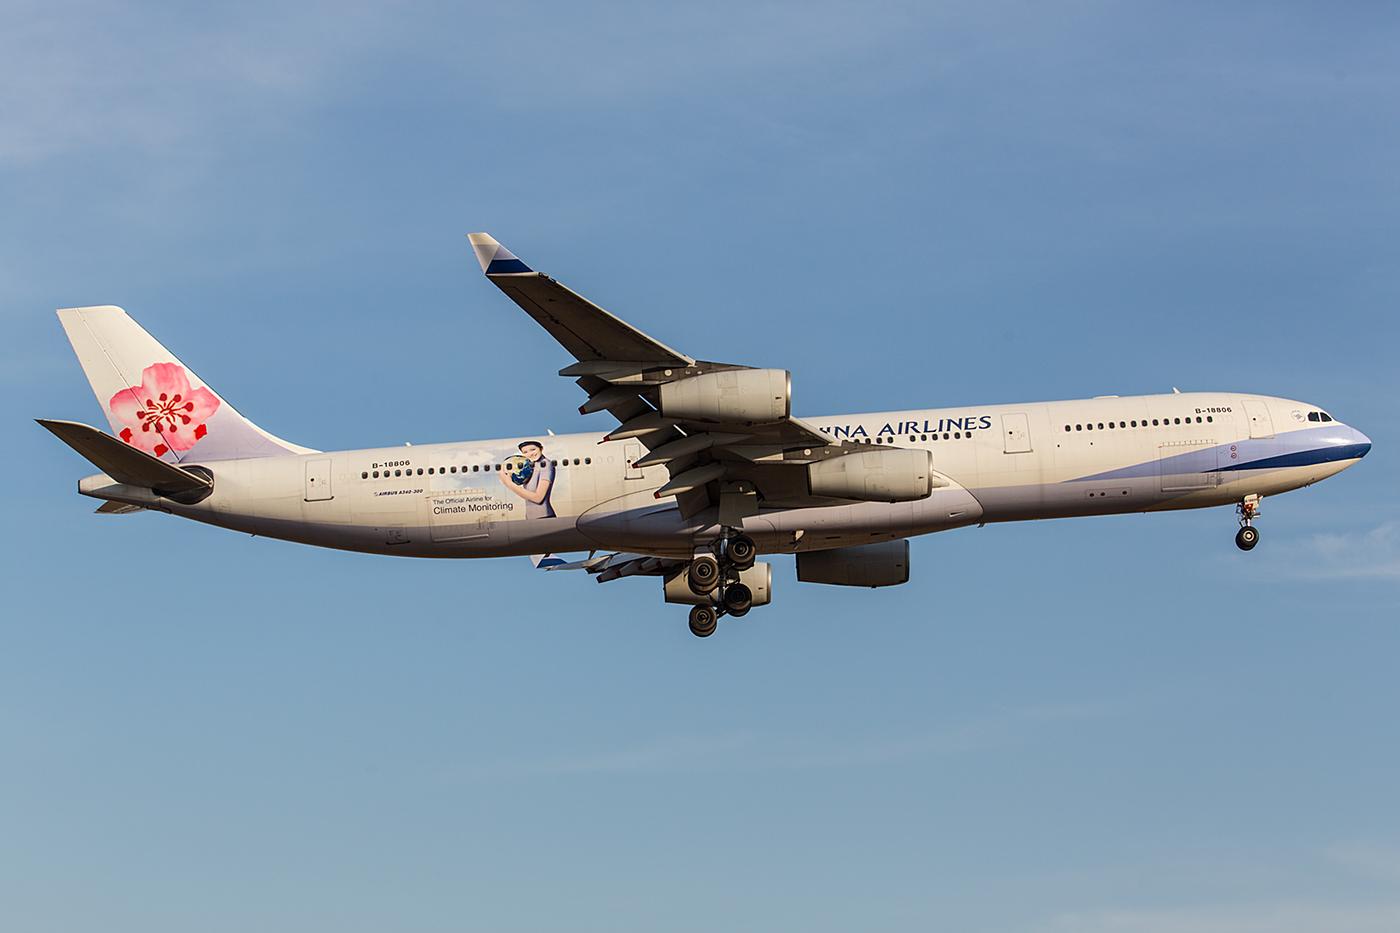 So langsam werden auch die A340 seltener, hier eine Maschine der China Airlines.